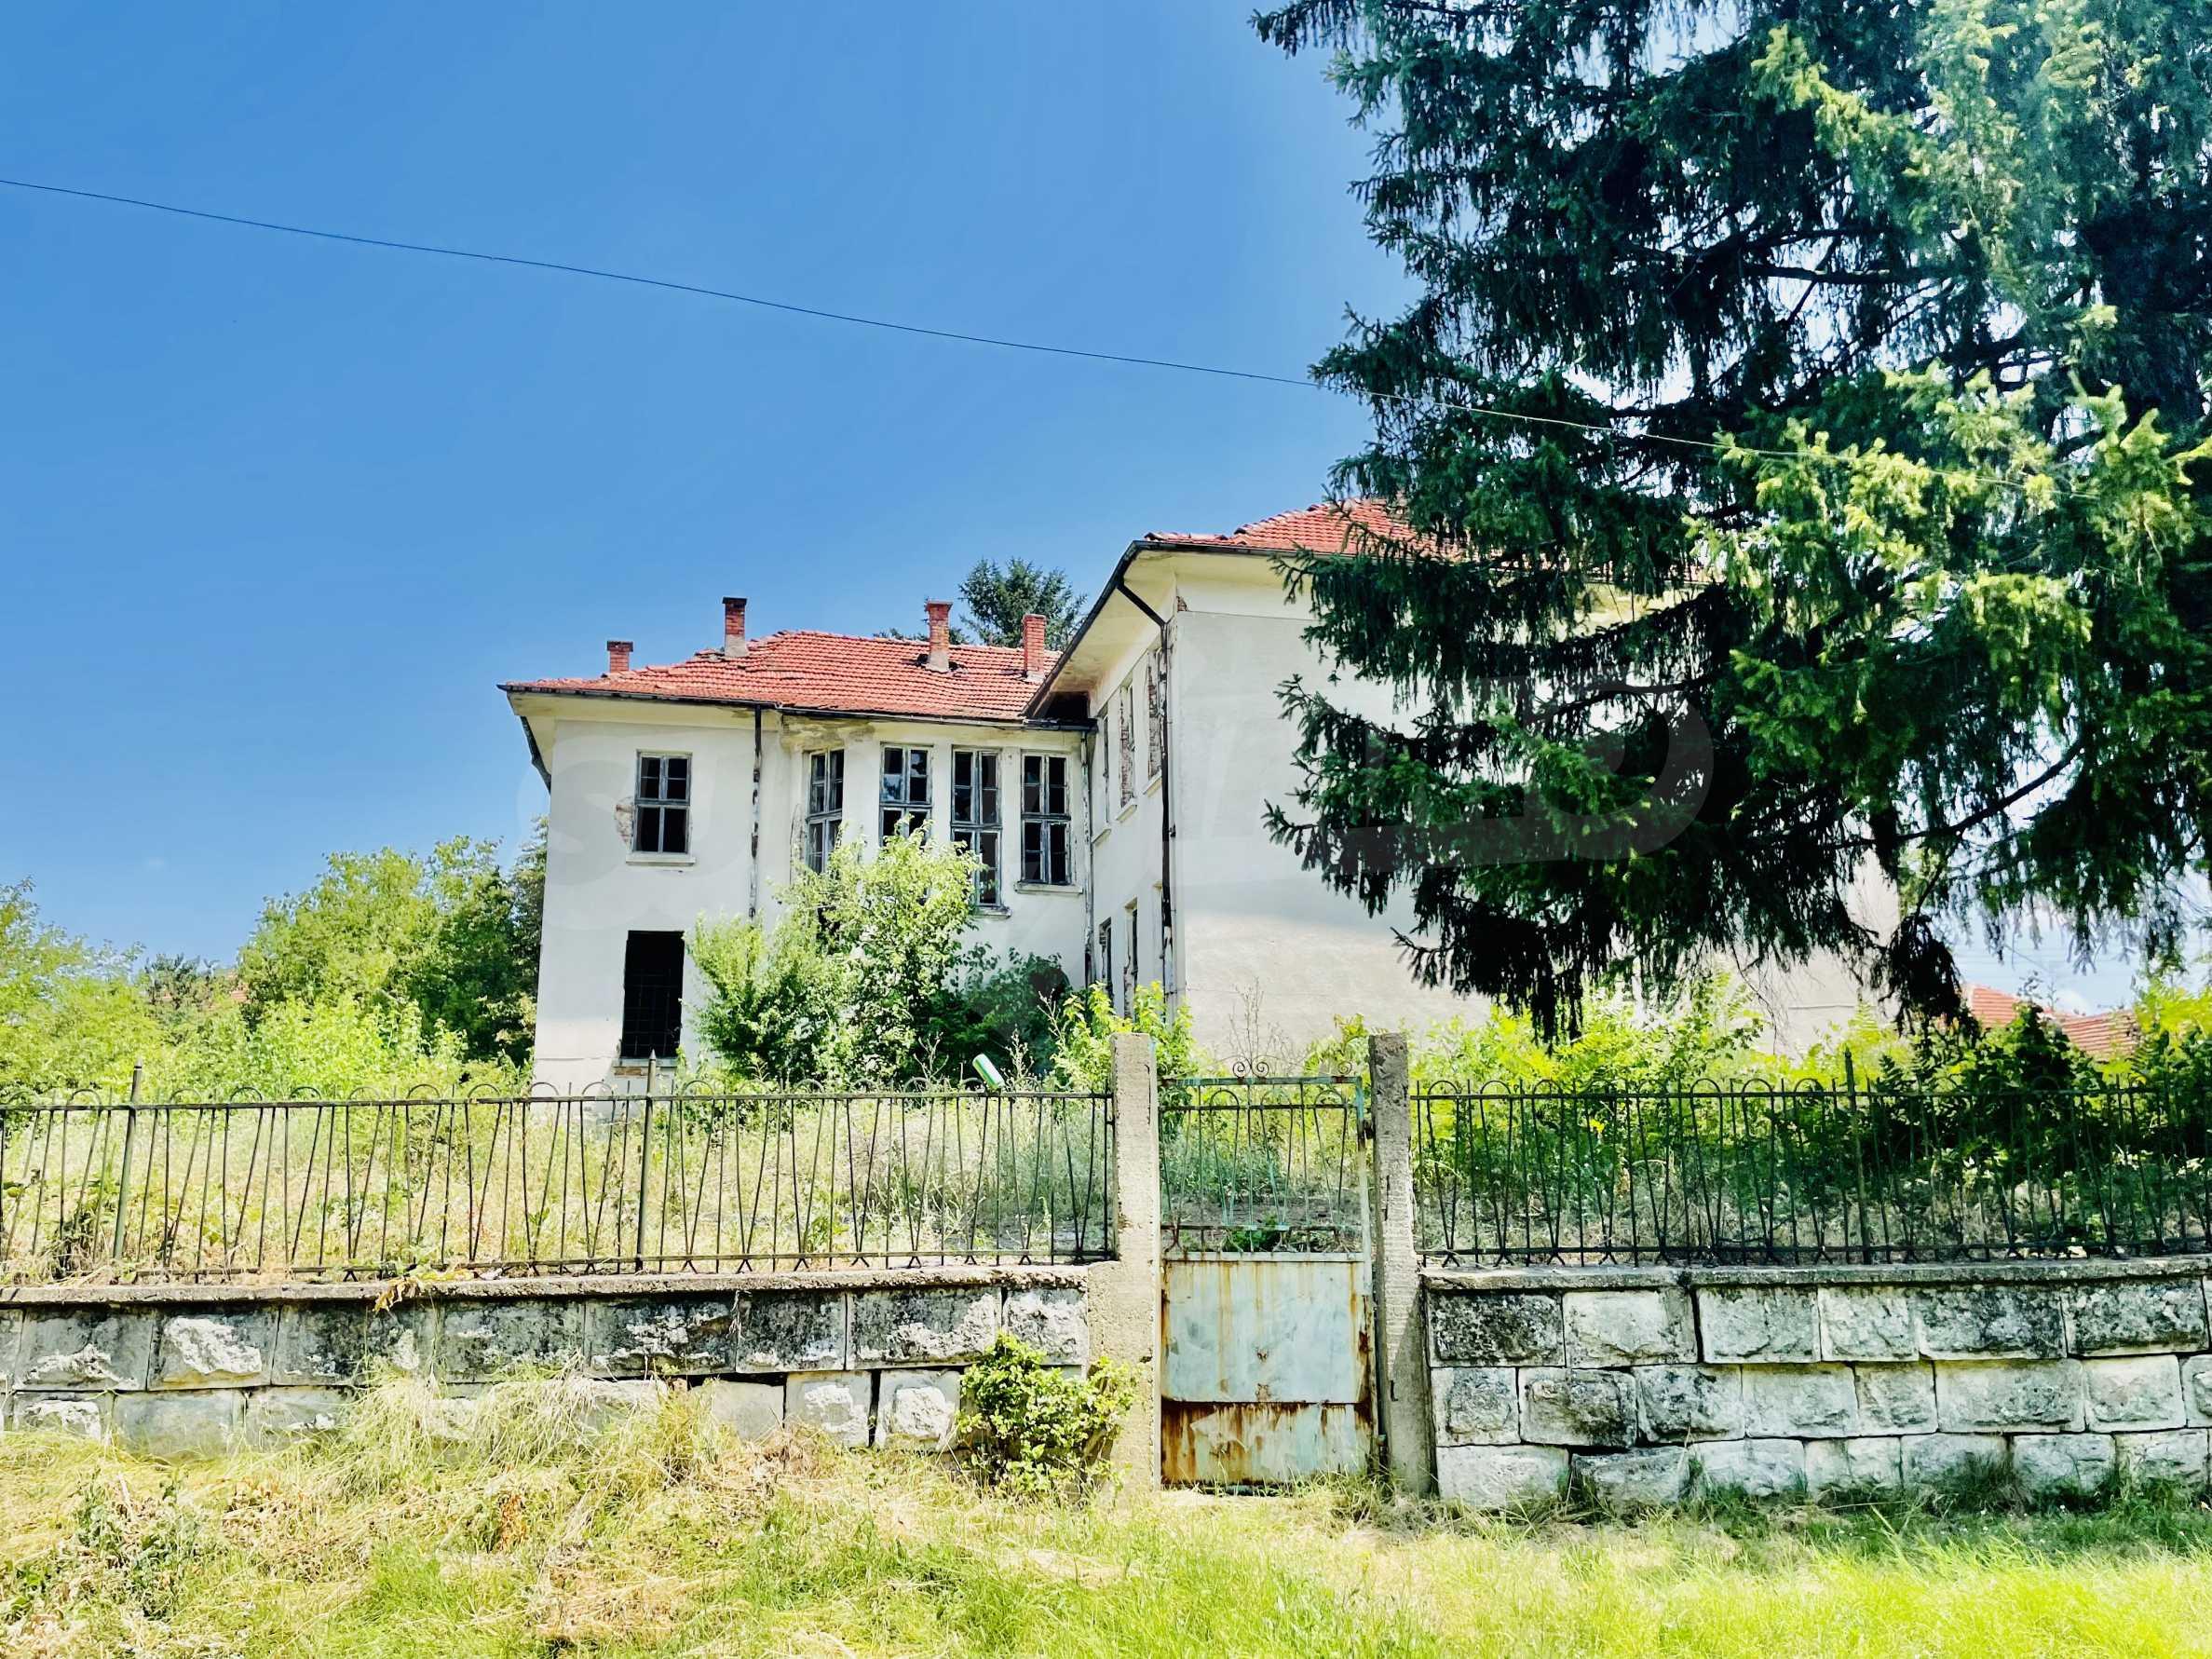 Zwei massive Gebäude auf einem großen Grundstück 35 km von der Stadt Russe und der Donau entfernt 33